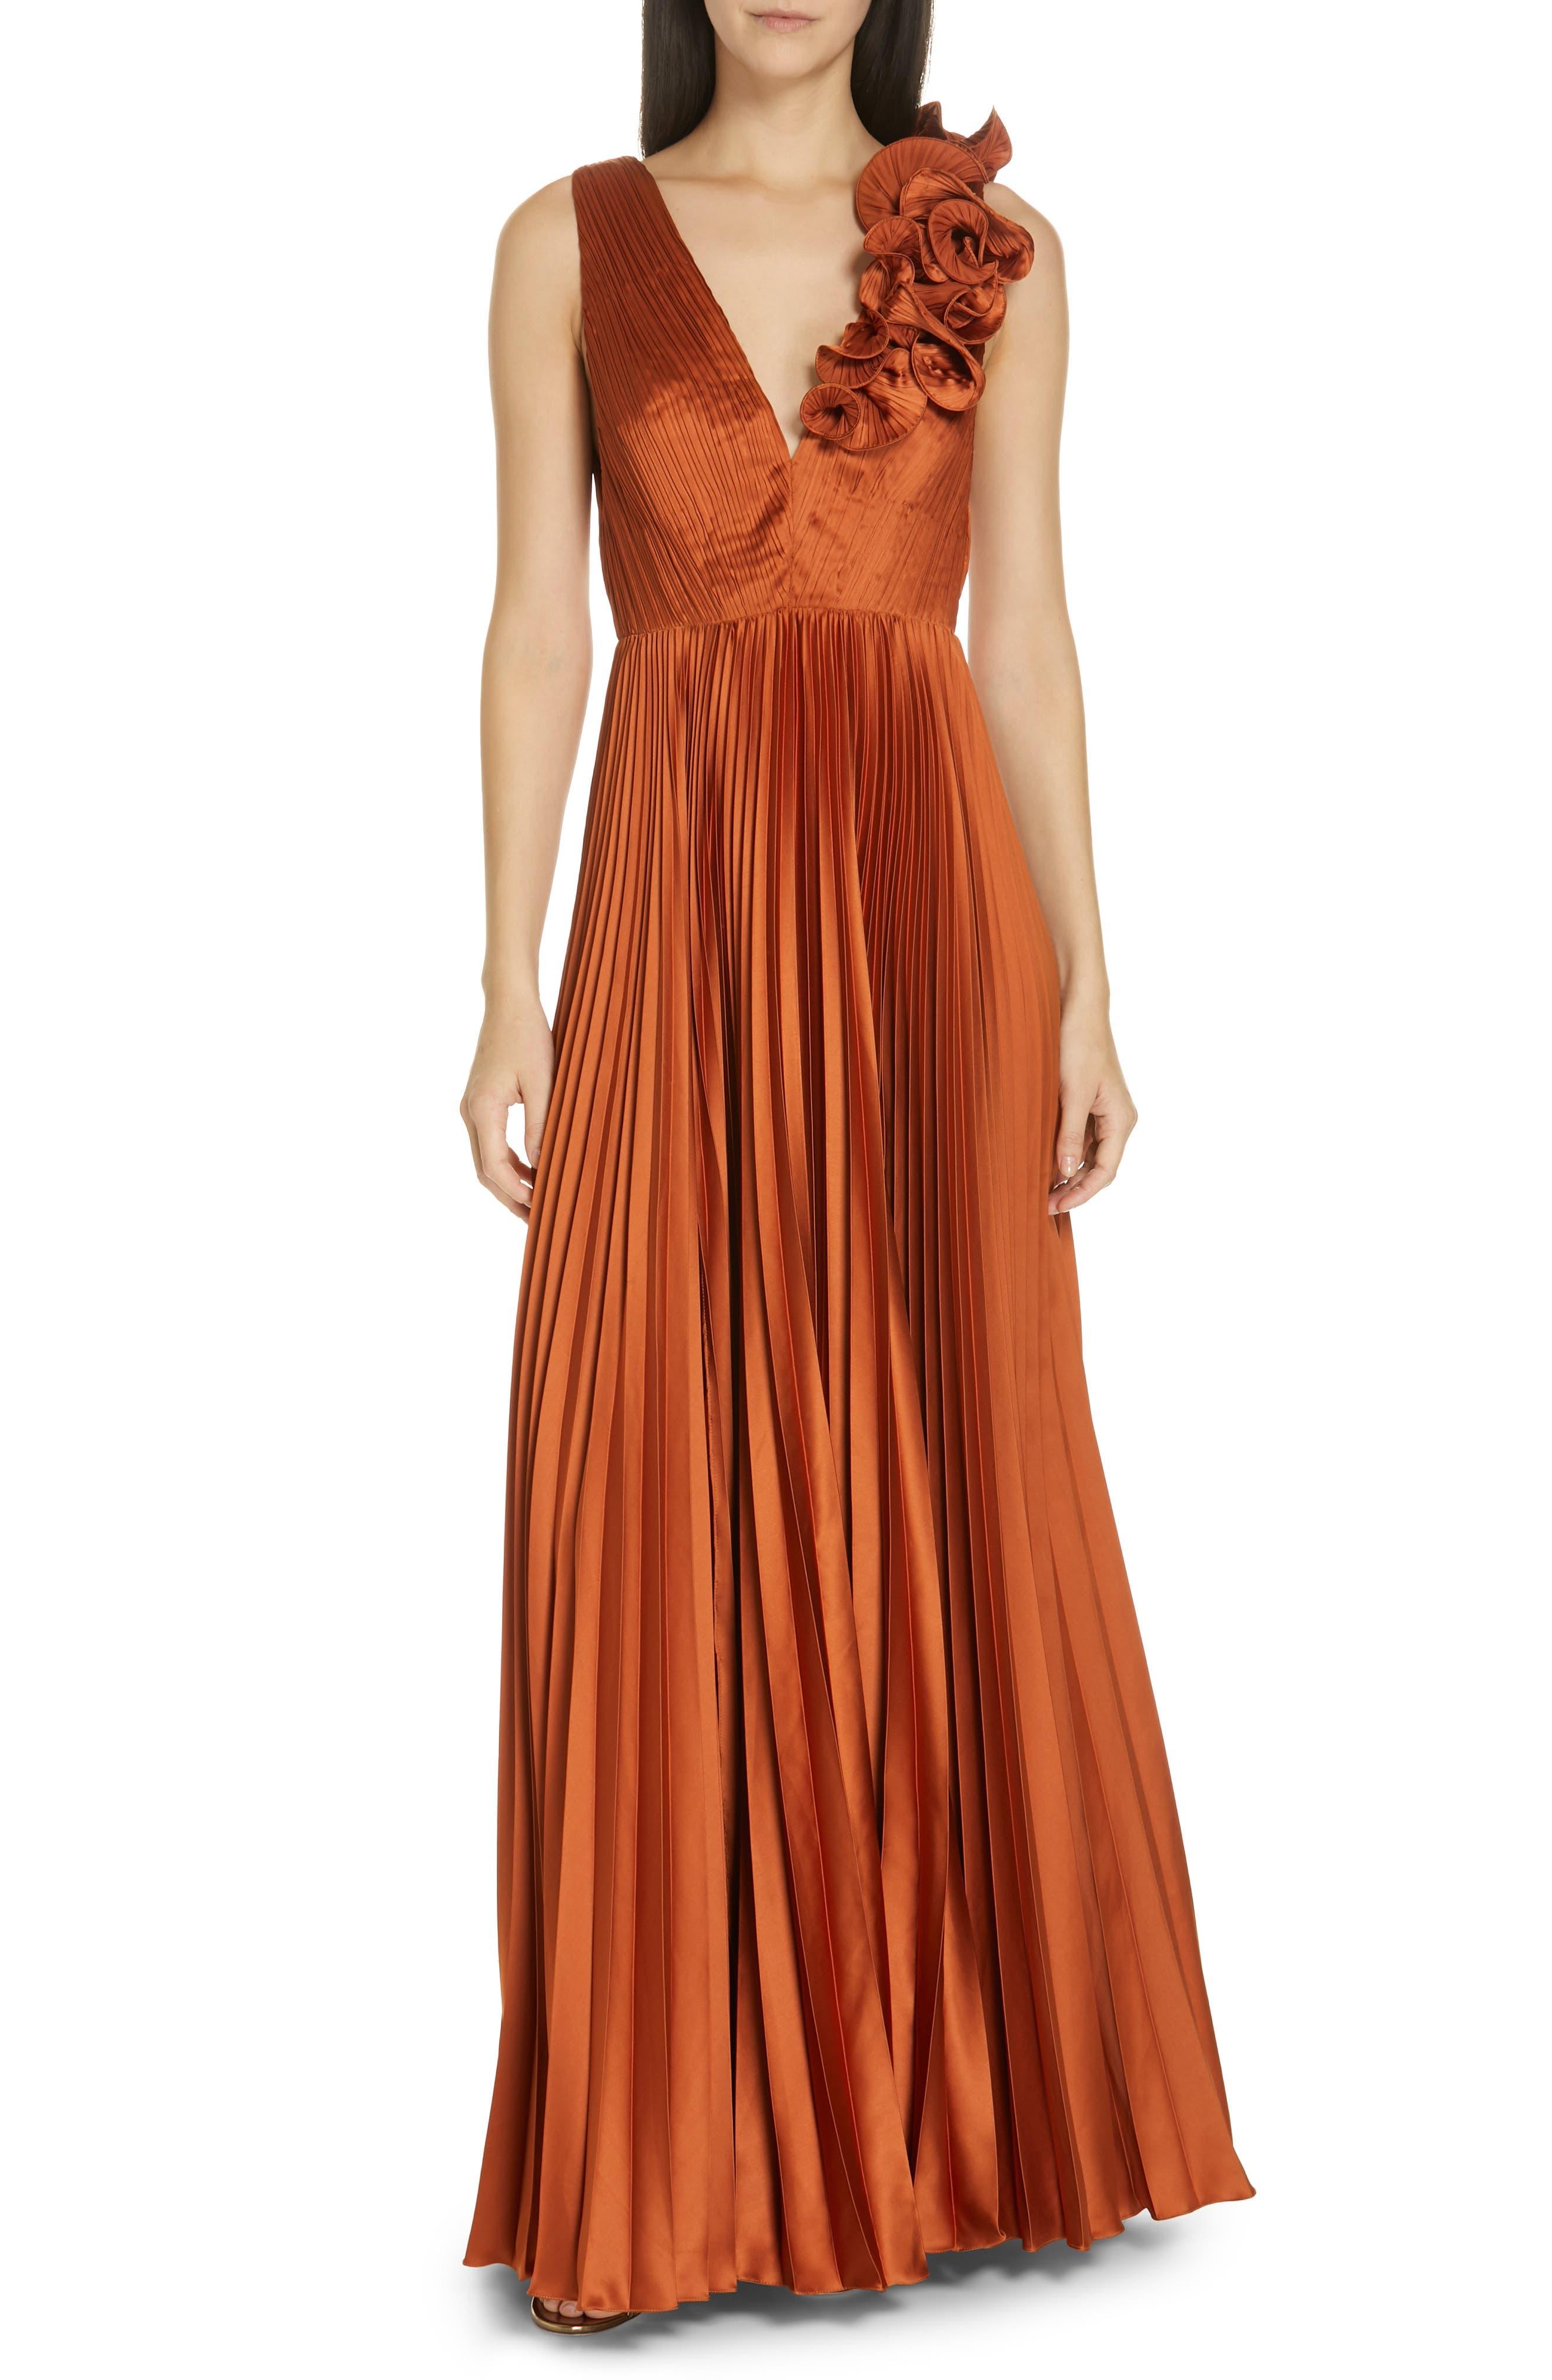 Amur Aviva Pleated Satin Maxi Dress, Metallic